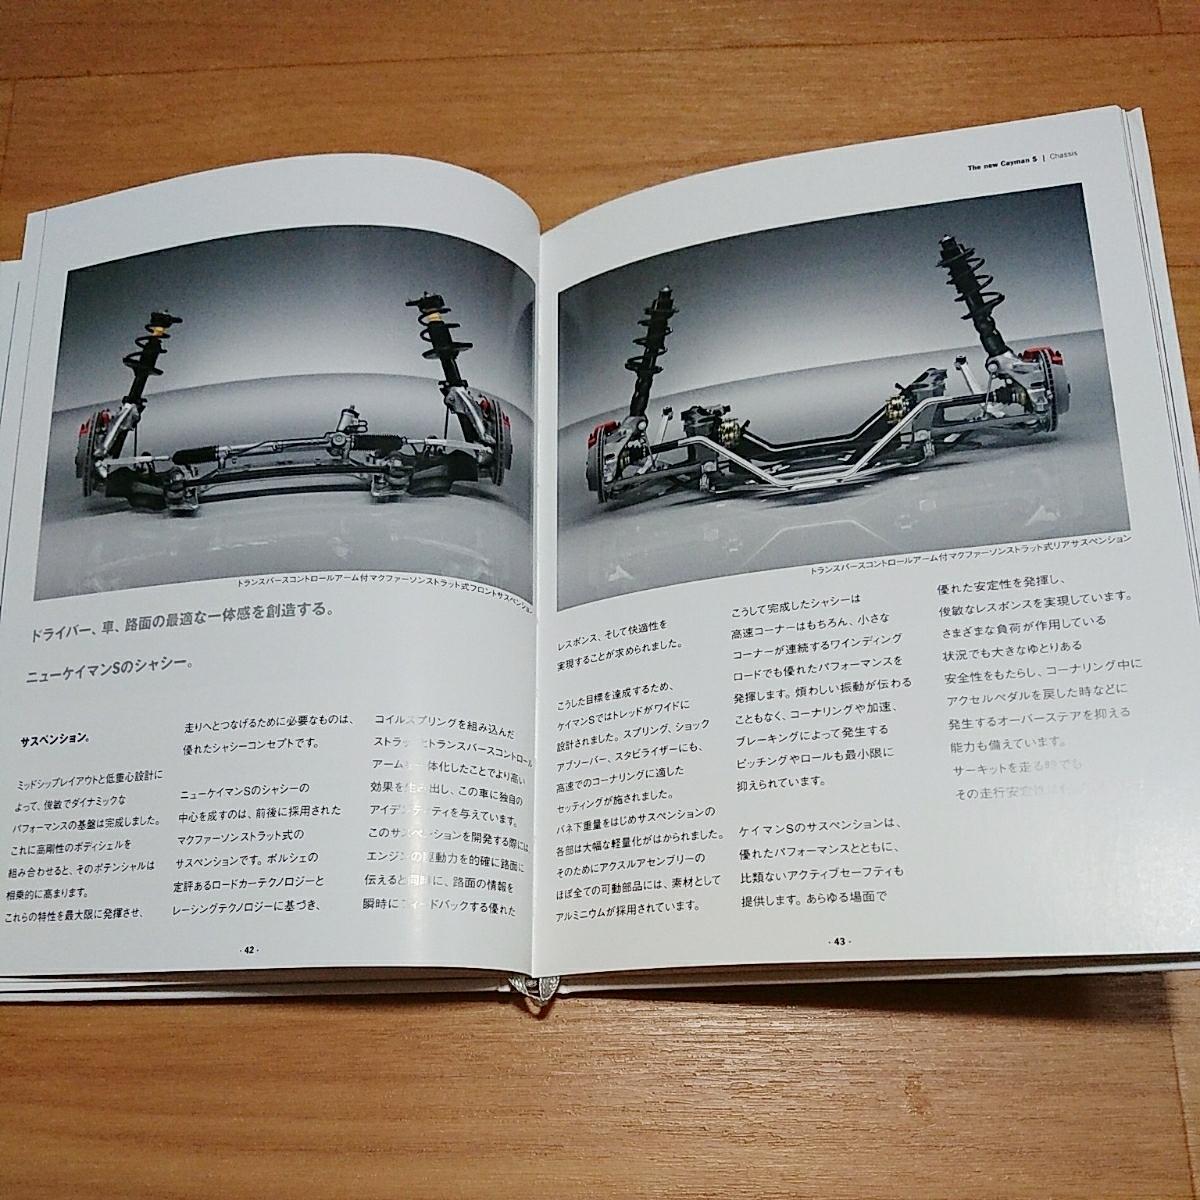 ポルシェケイマンS カタログ2冊セット 2005年 日本語版_画像5